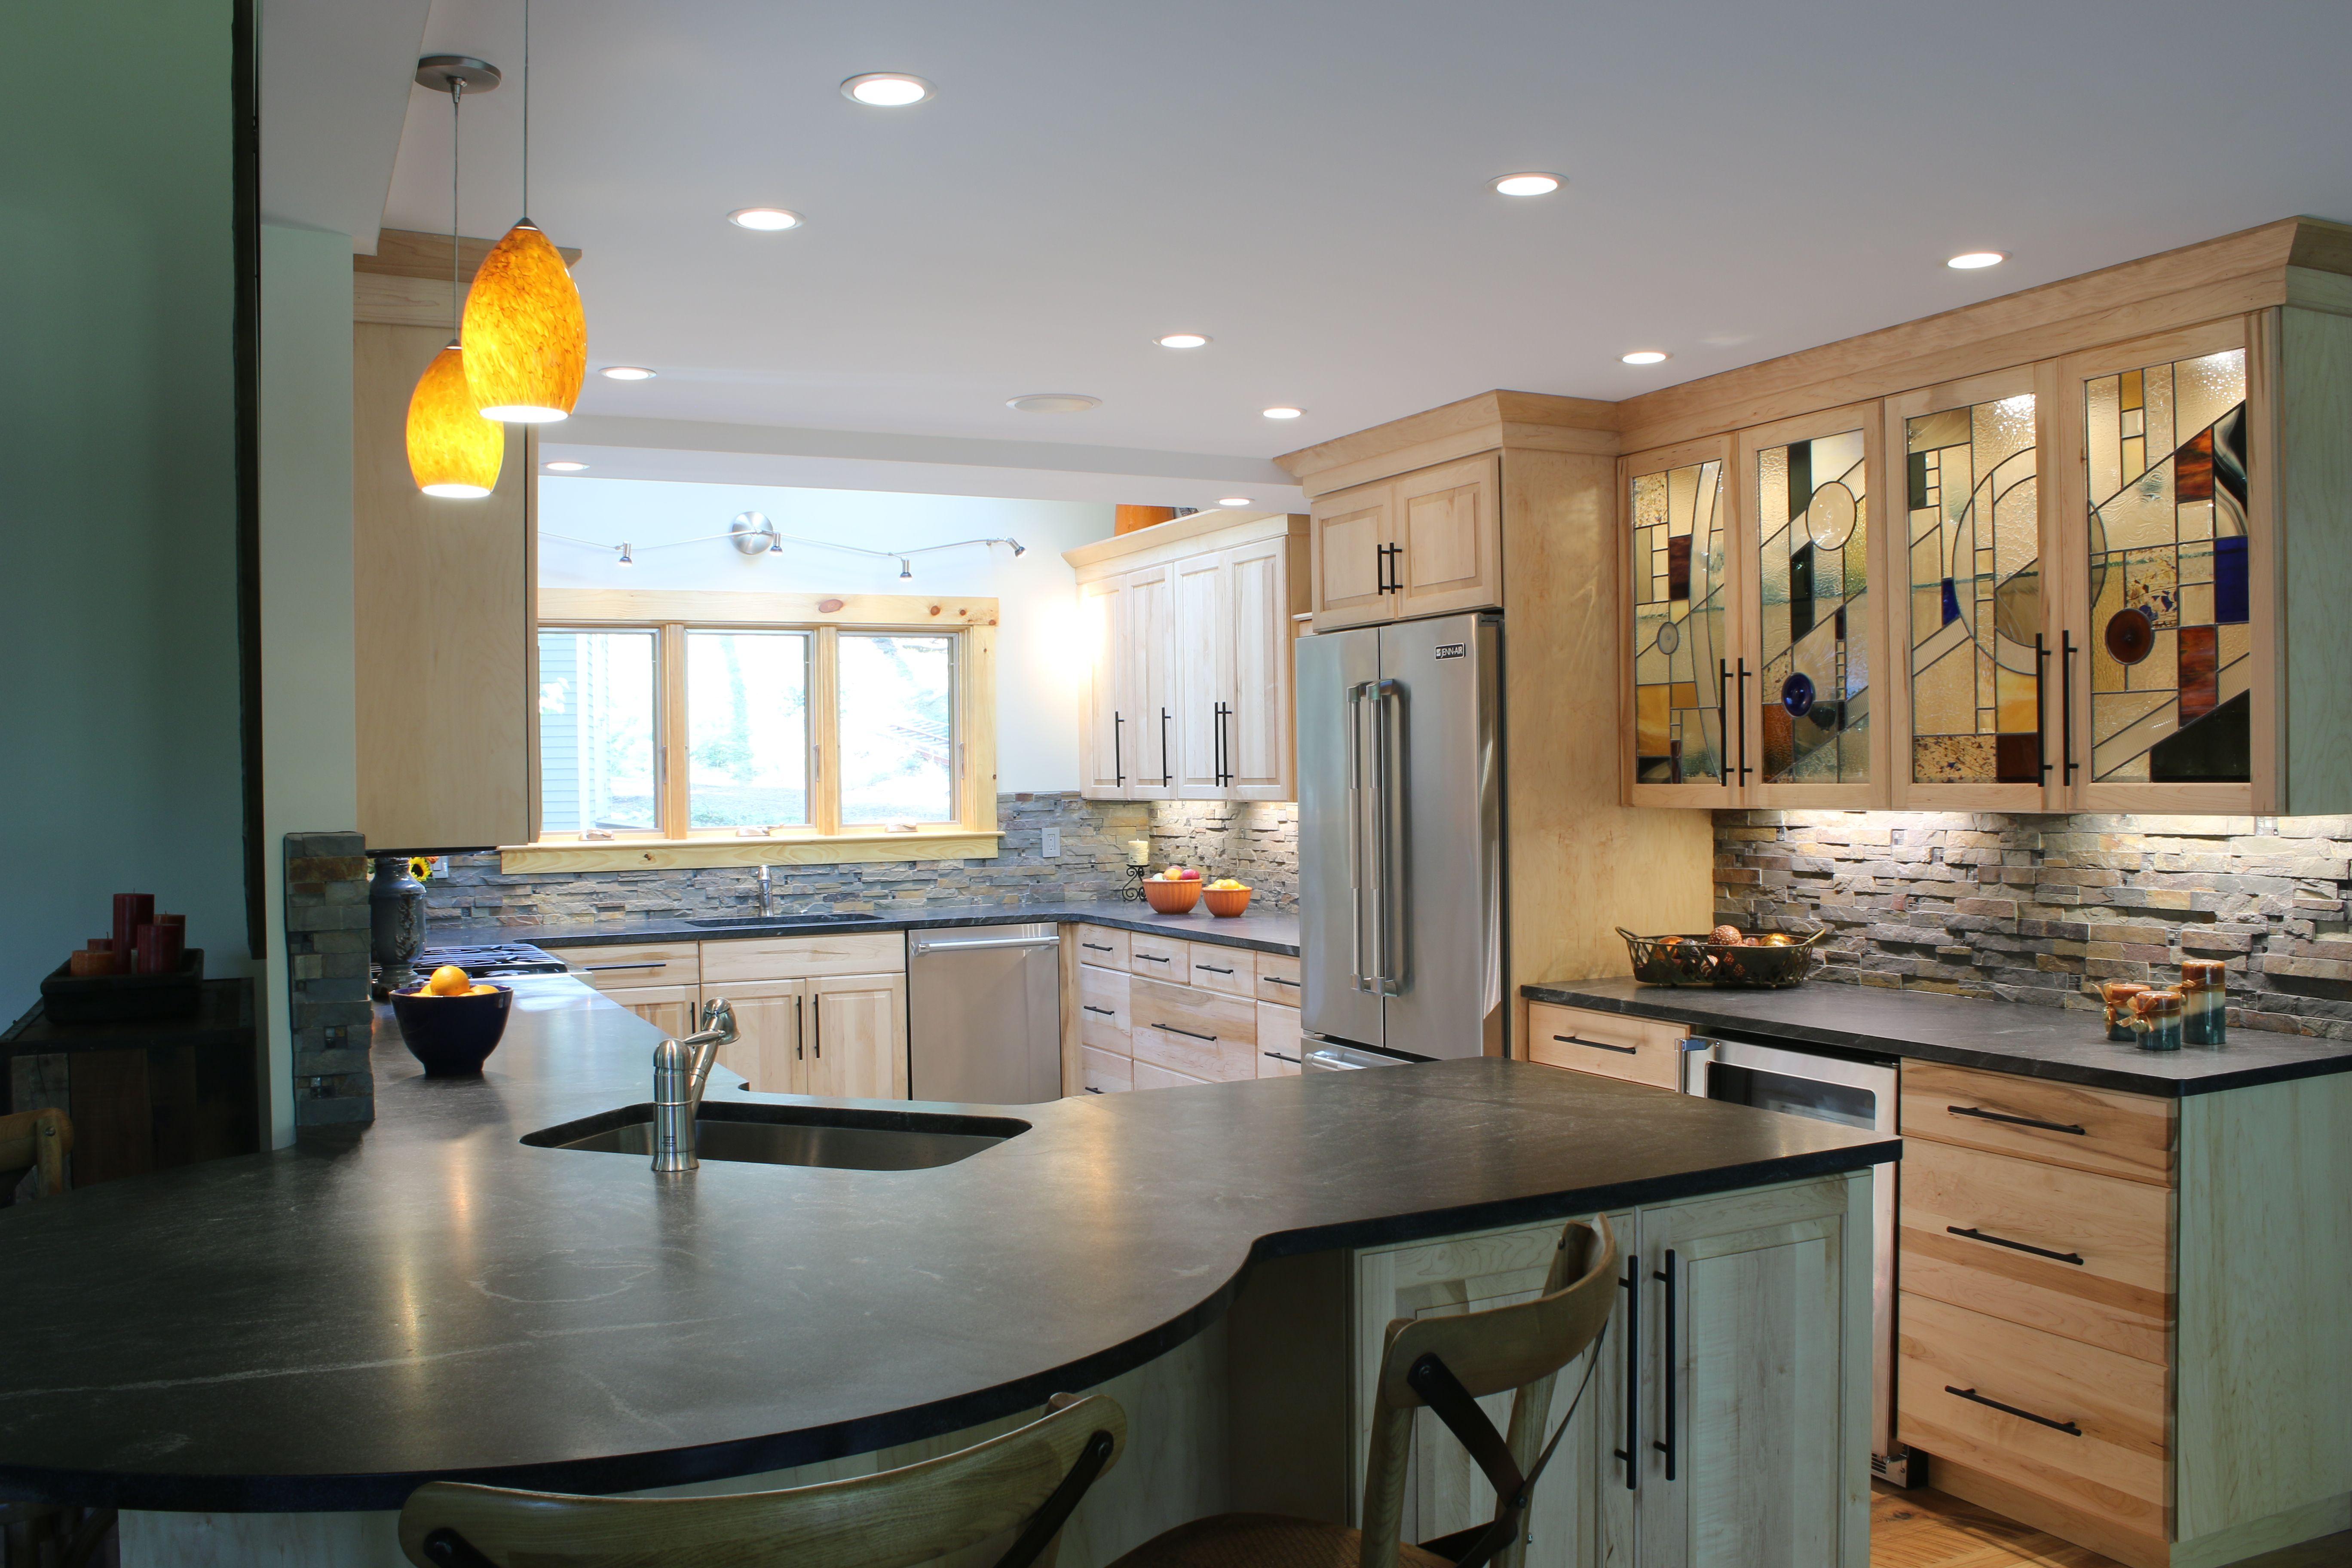 Corner window kitchen sink  transitional kitchen stainless steel appliances corner sink and